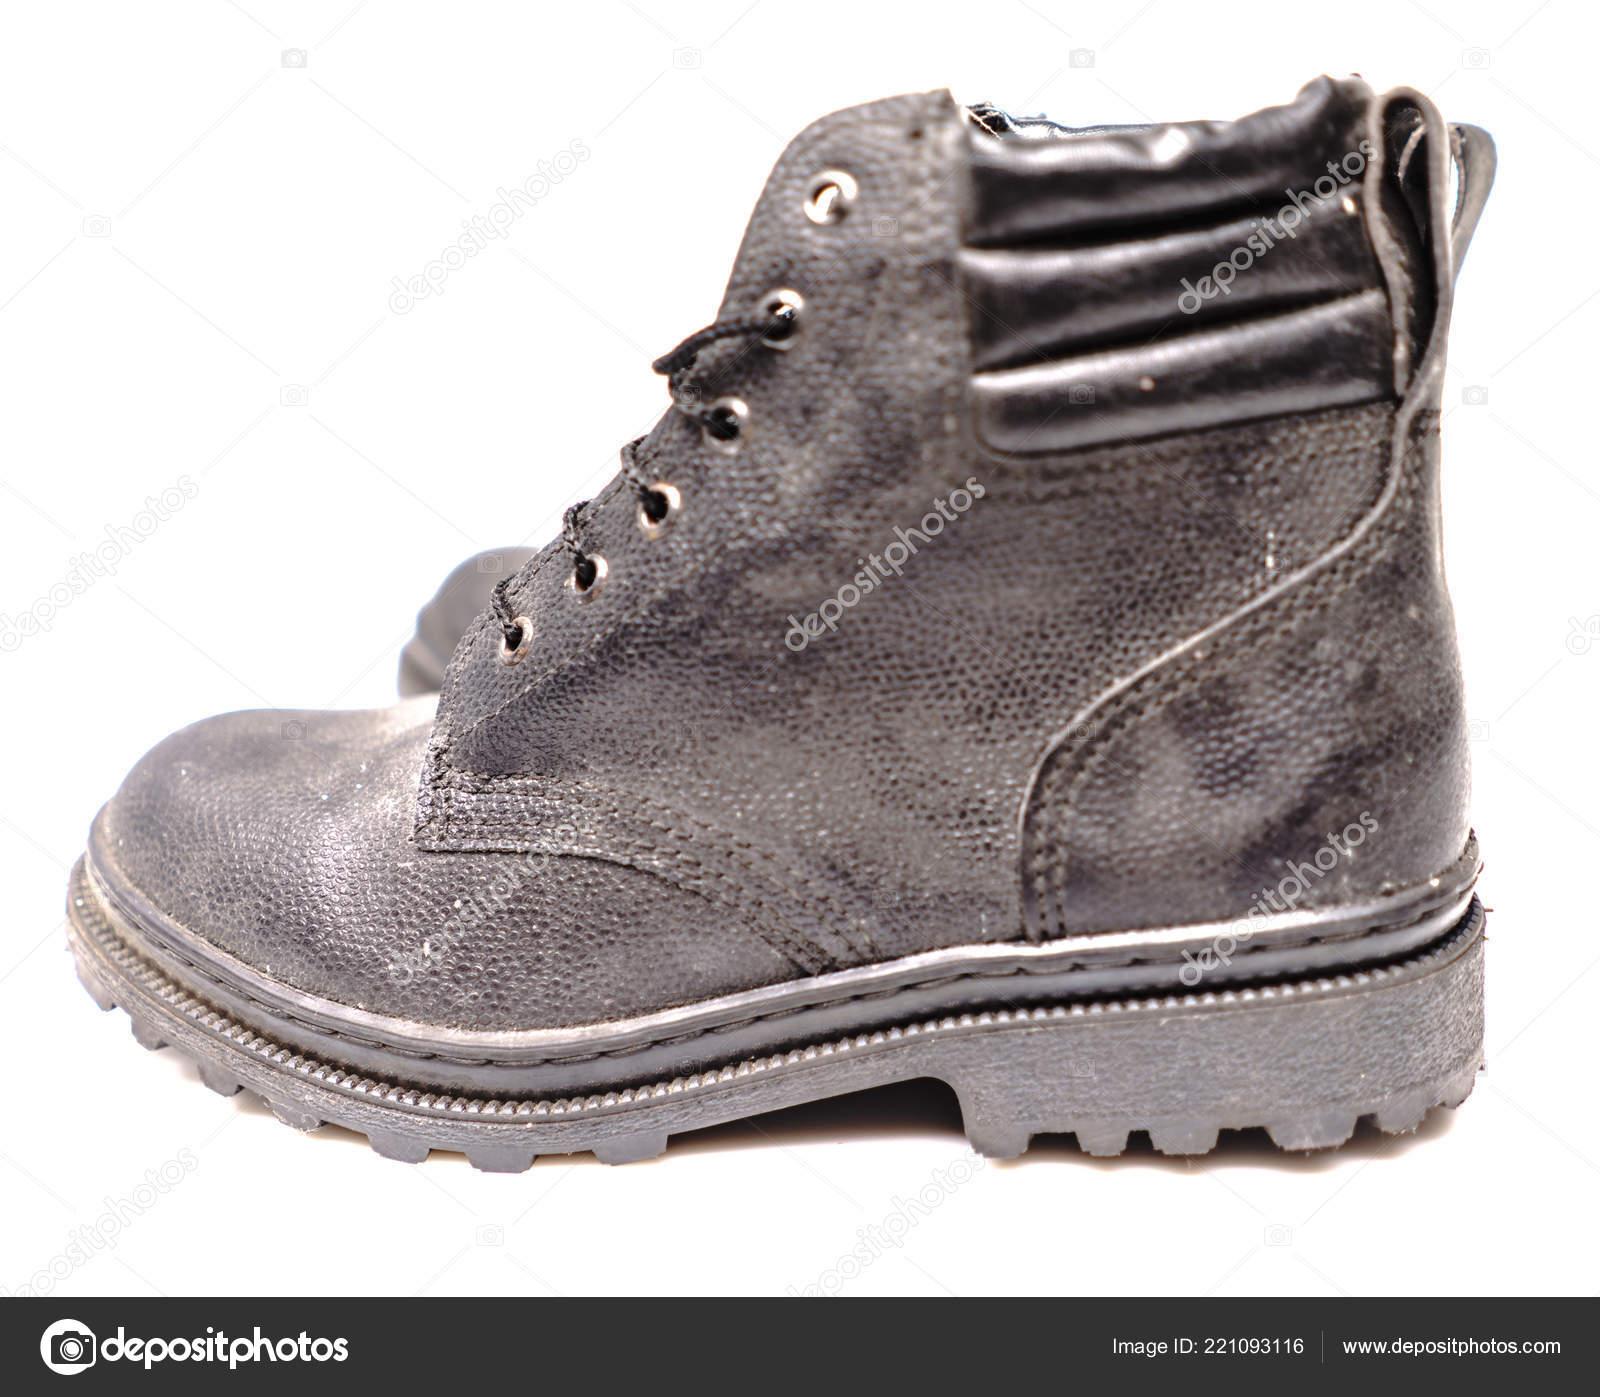 533d869fbcdf6 Sapatos de proteção trabalhador — Fotografias de Stock ...